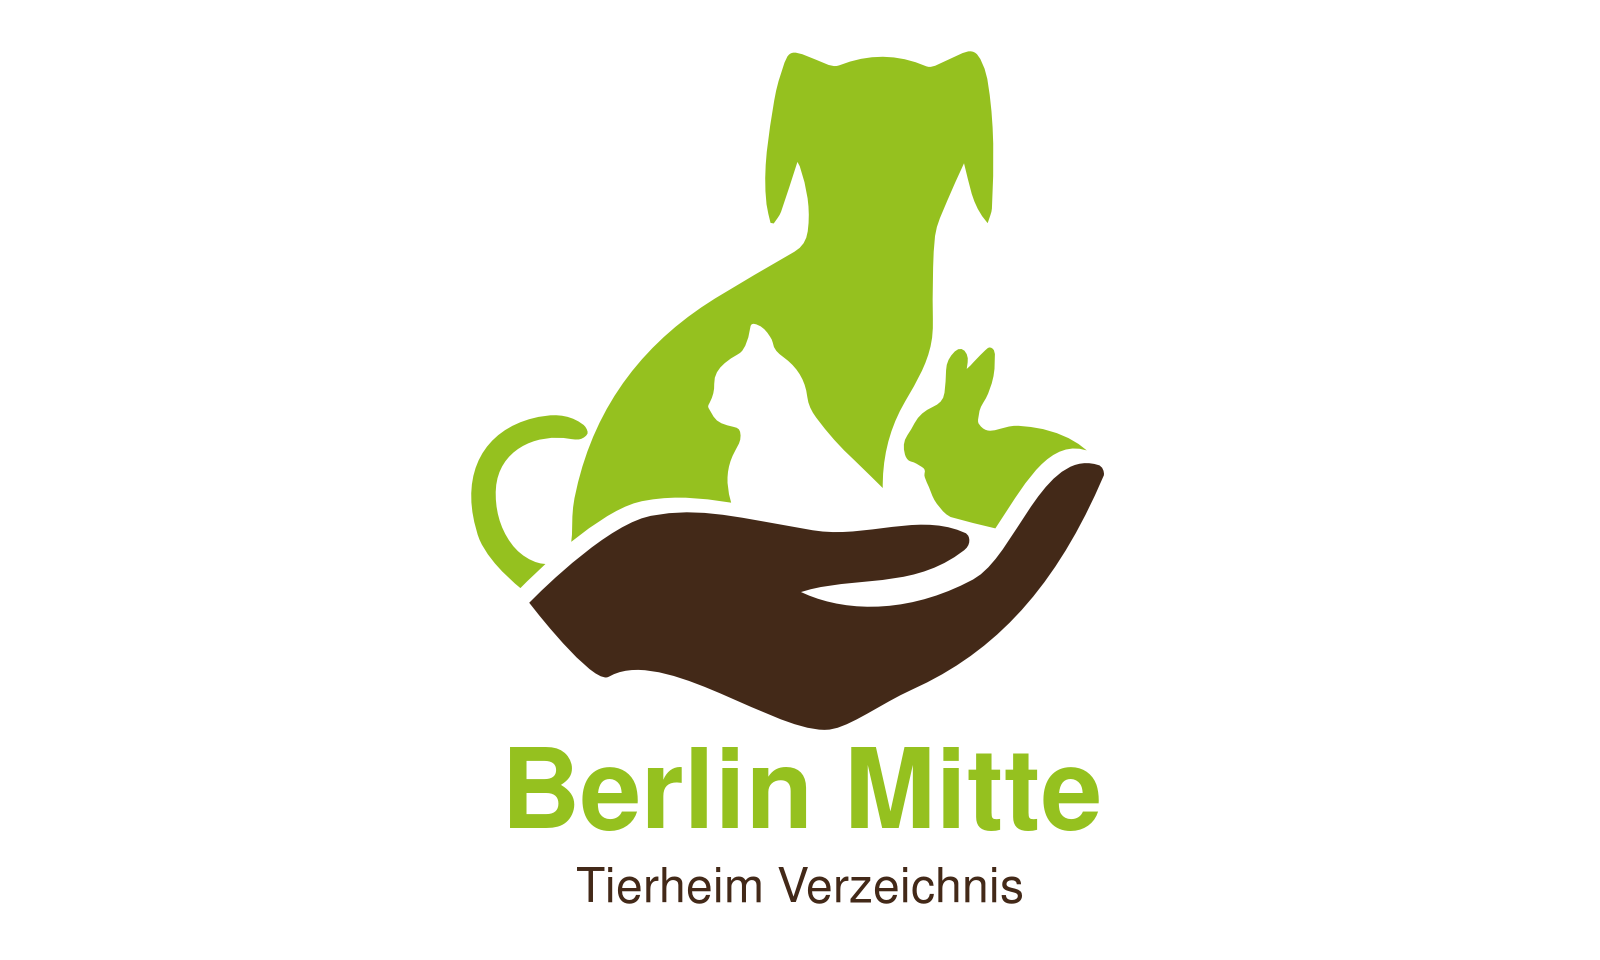 Tierheim Berlin Mitte